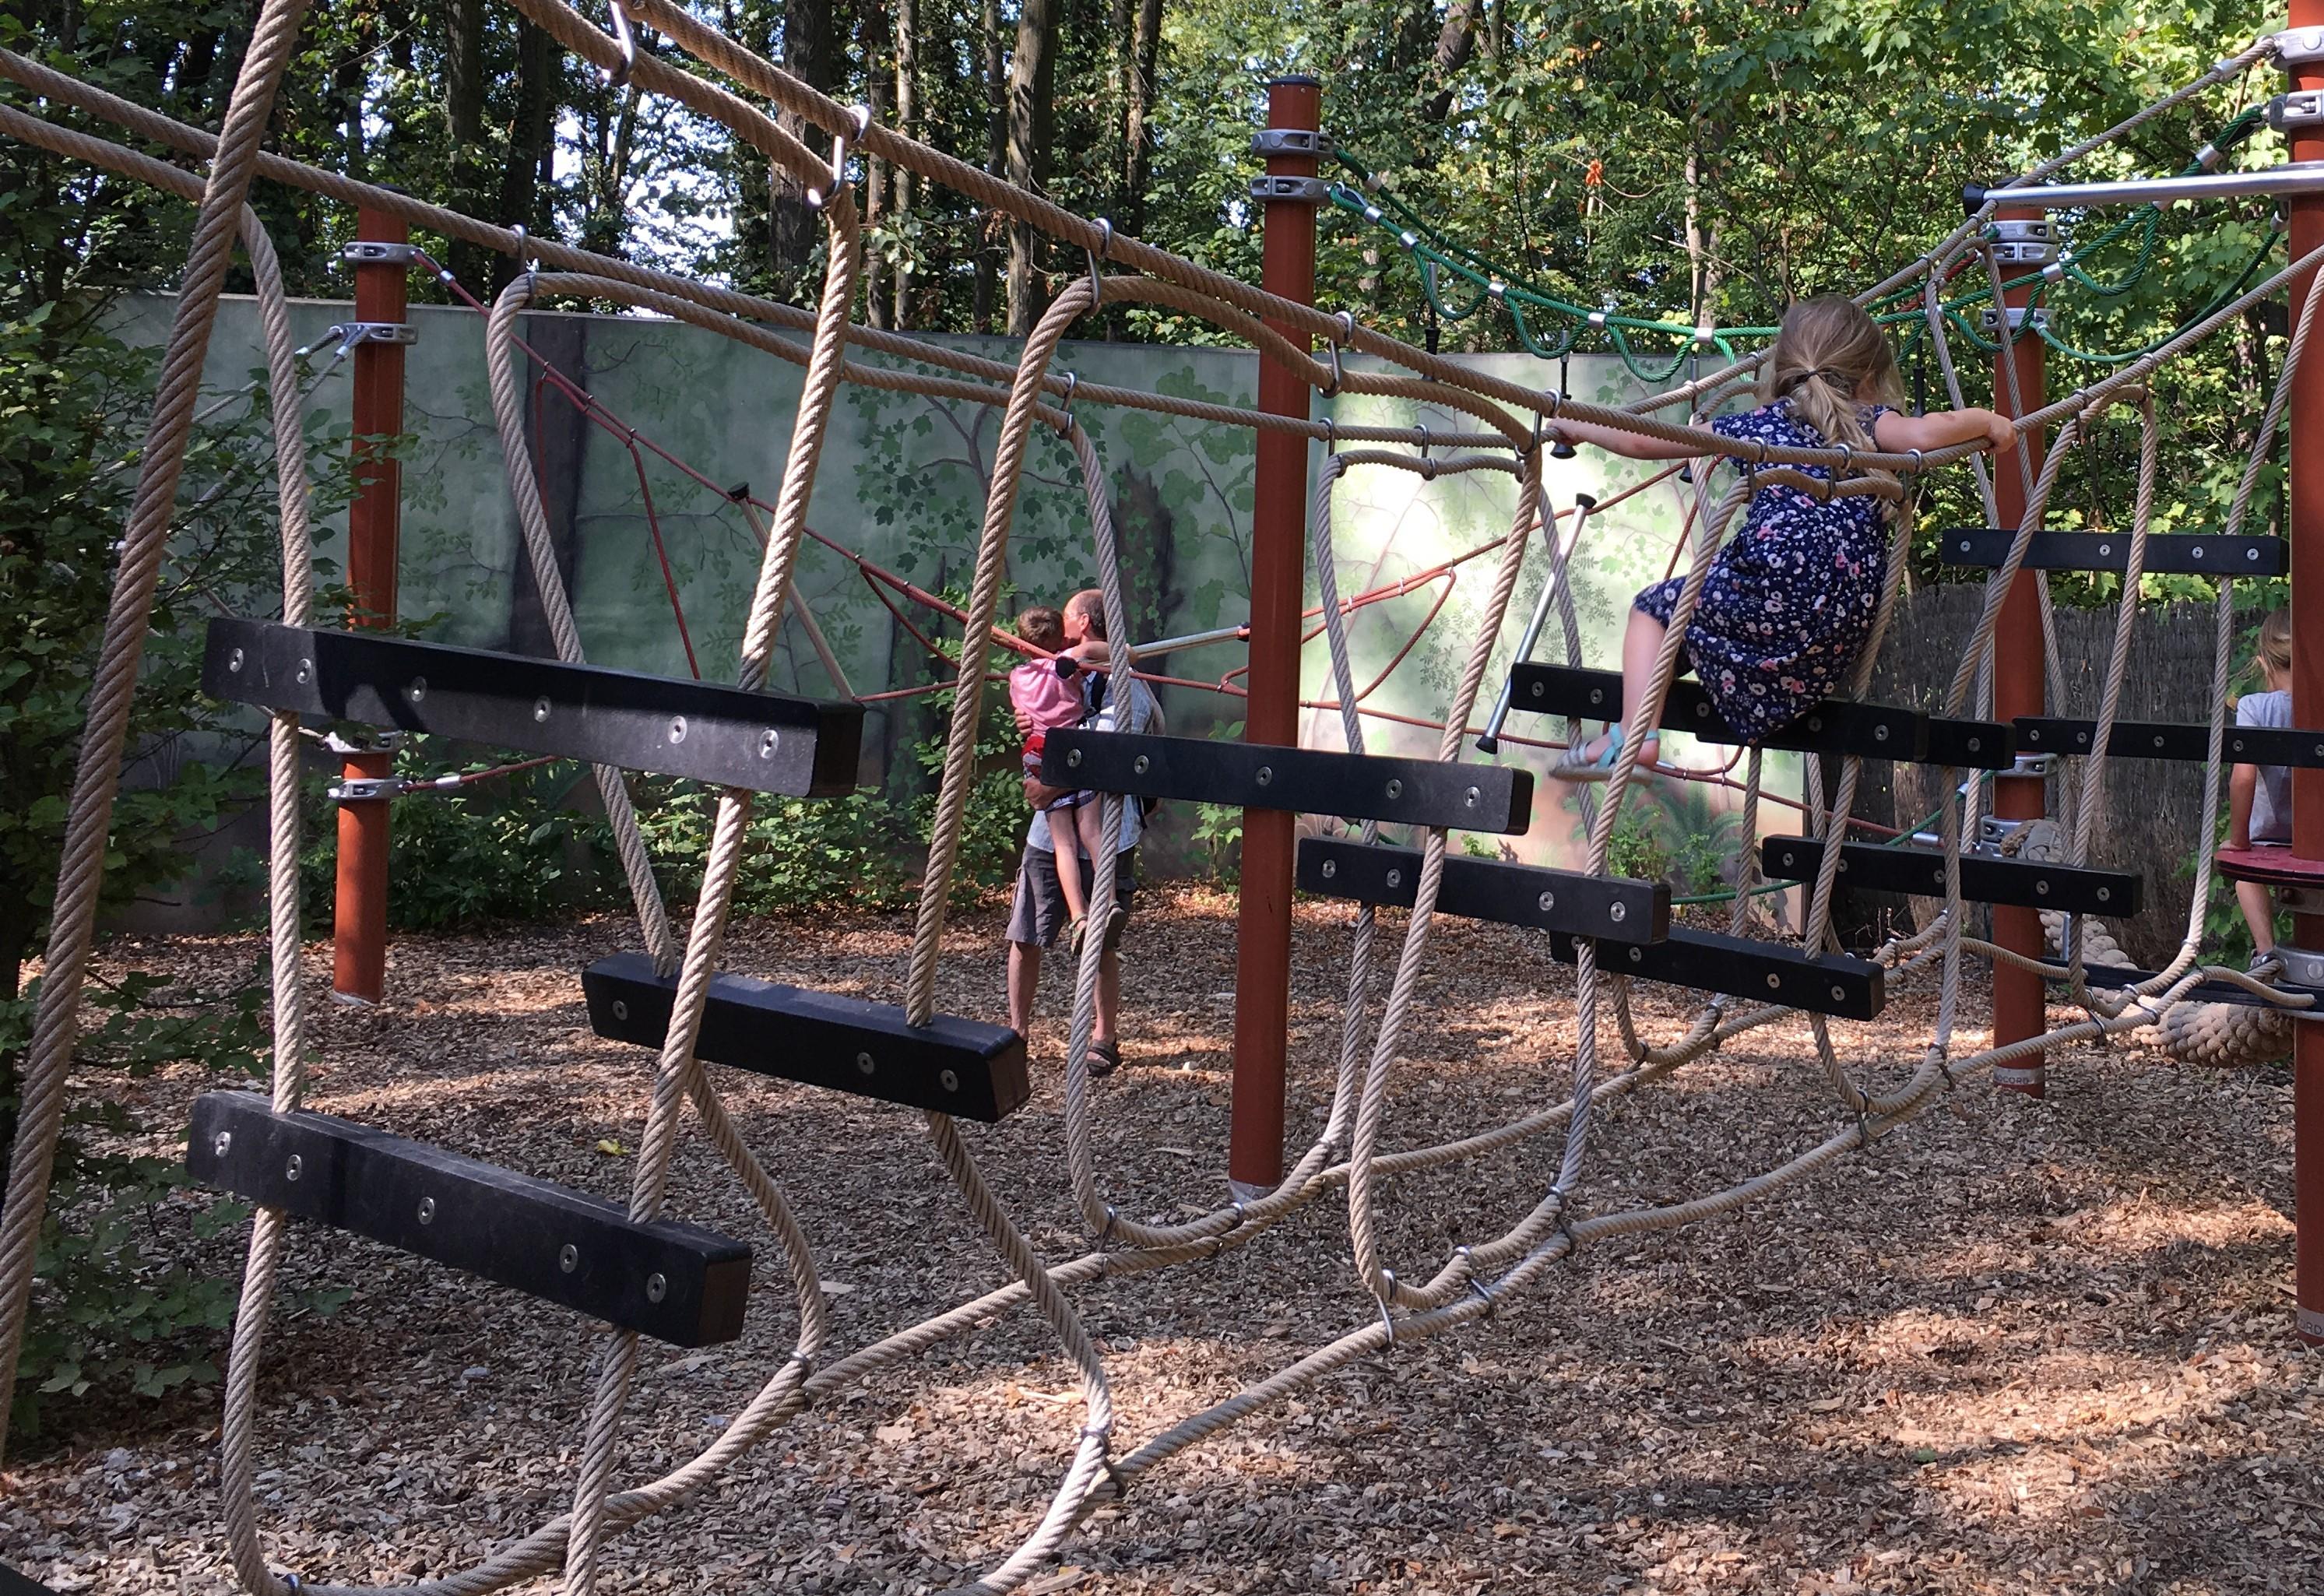 Klettergerüst Für 2 Jährige : Was soll ich meinen kindern schon zutrauen parade u dresden